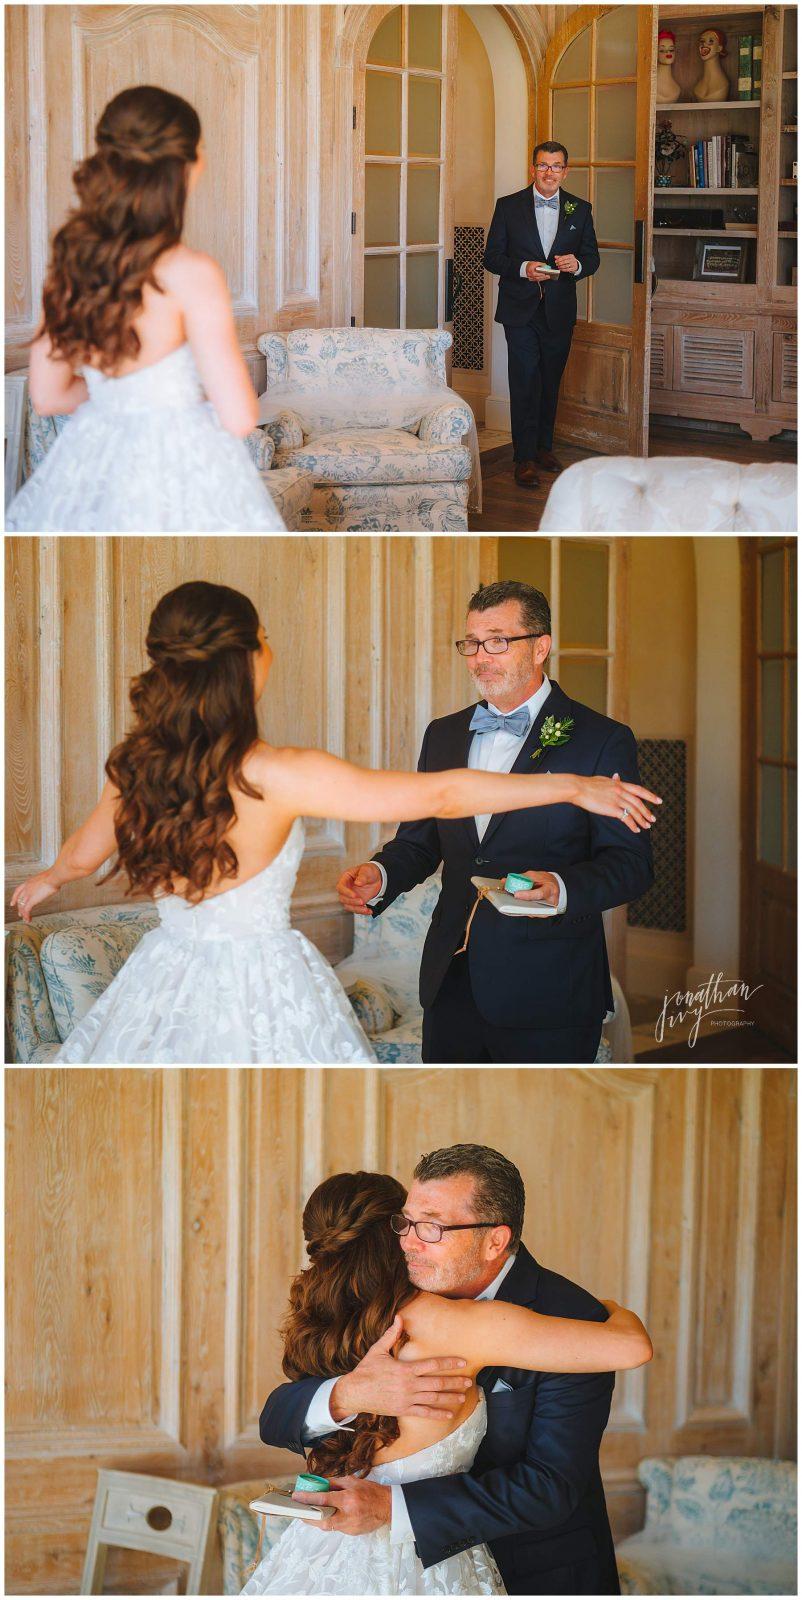 brides 1st look with dad